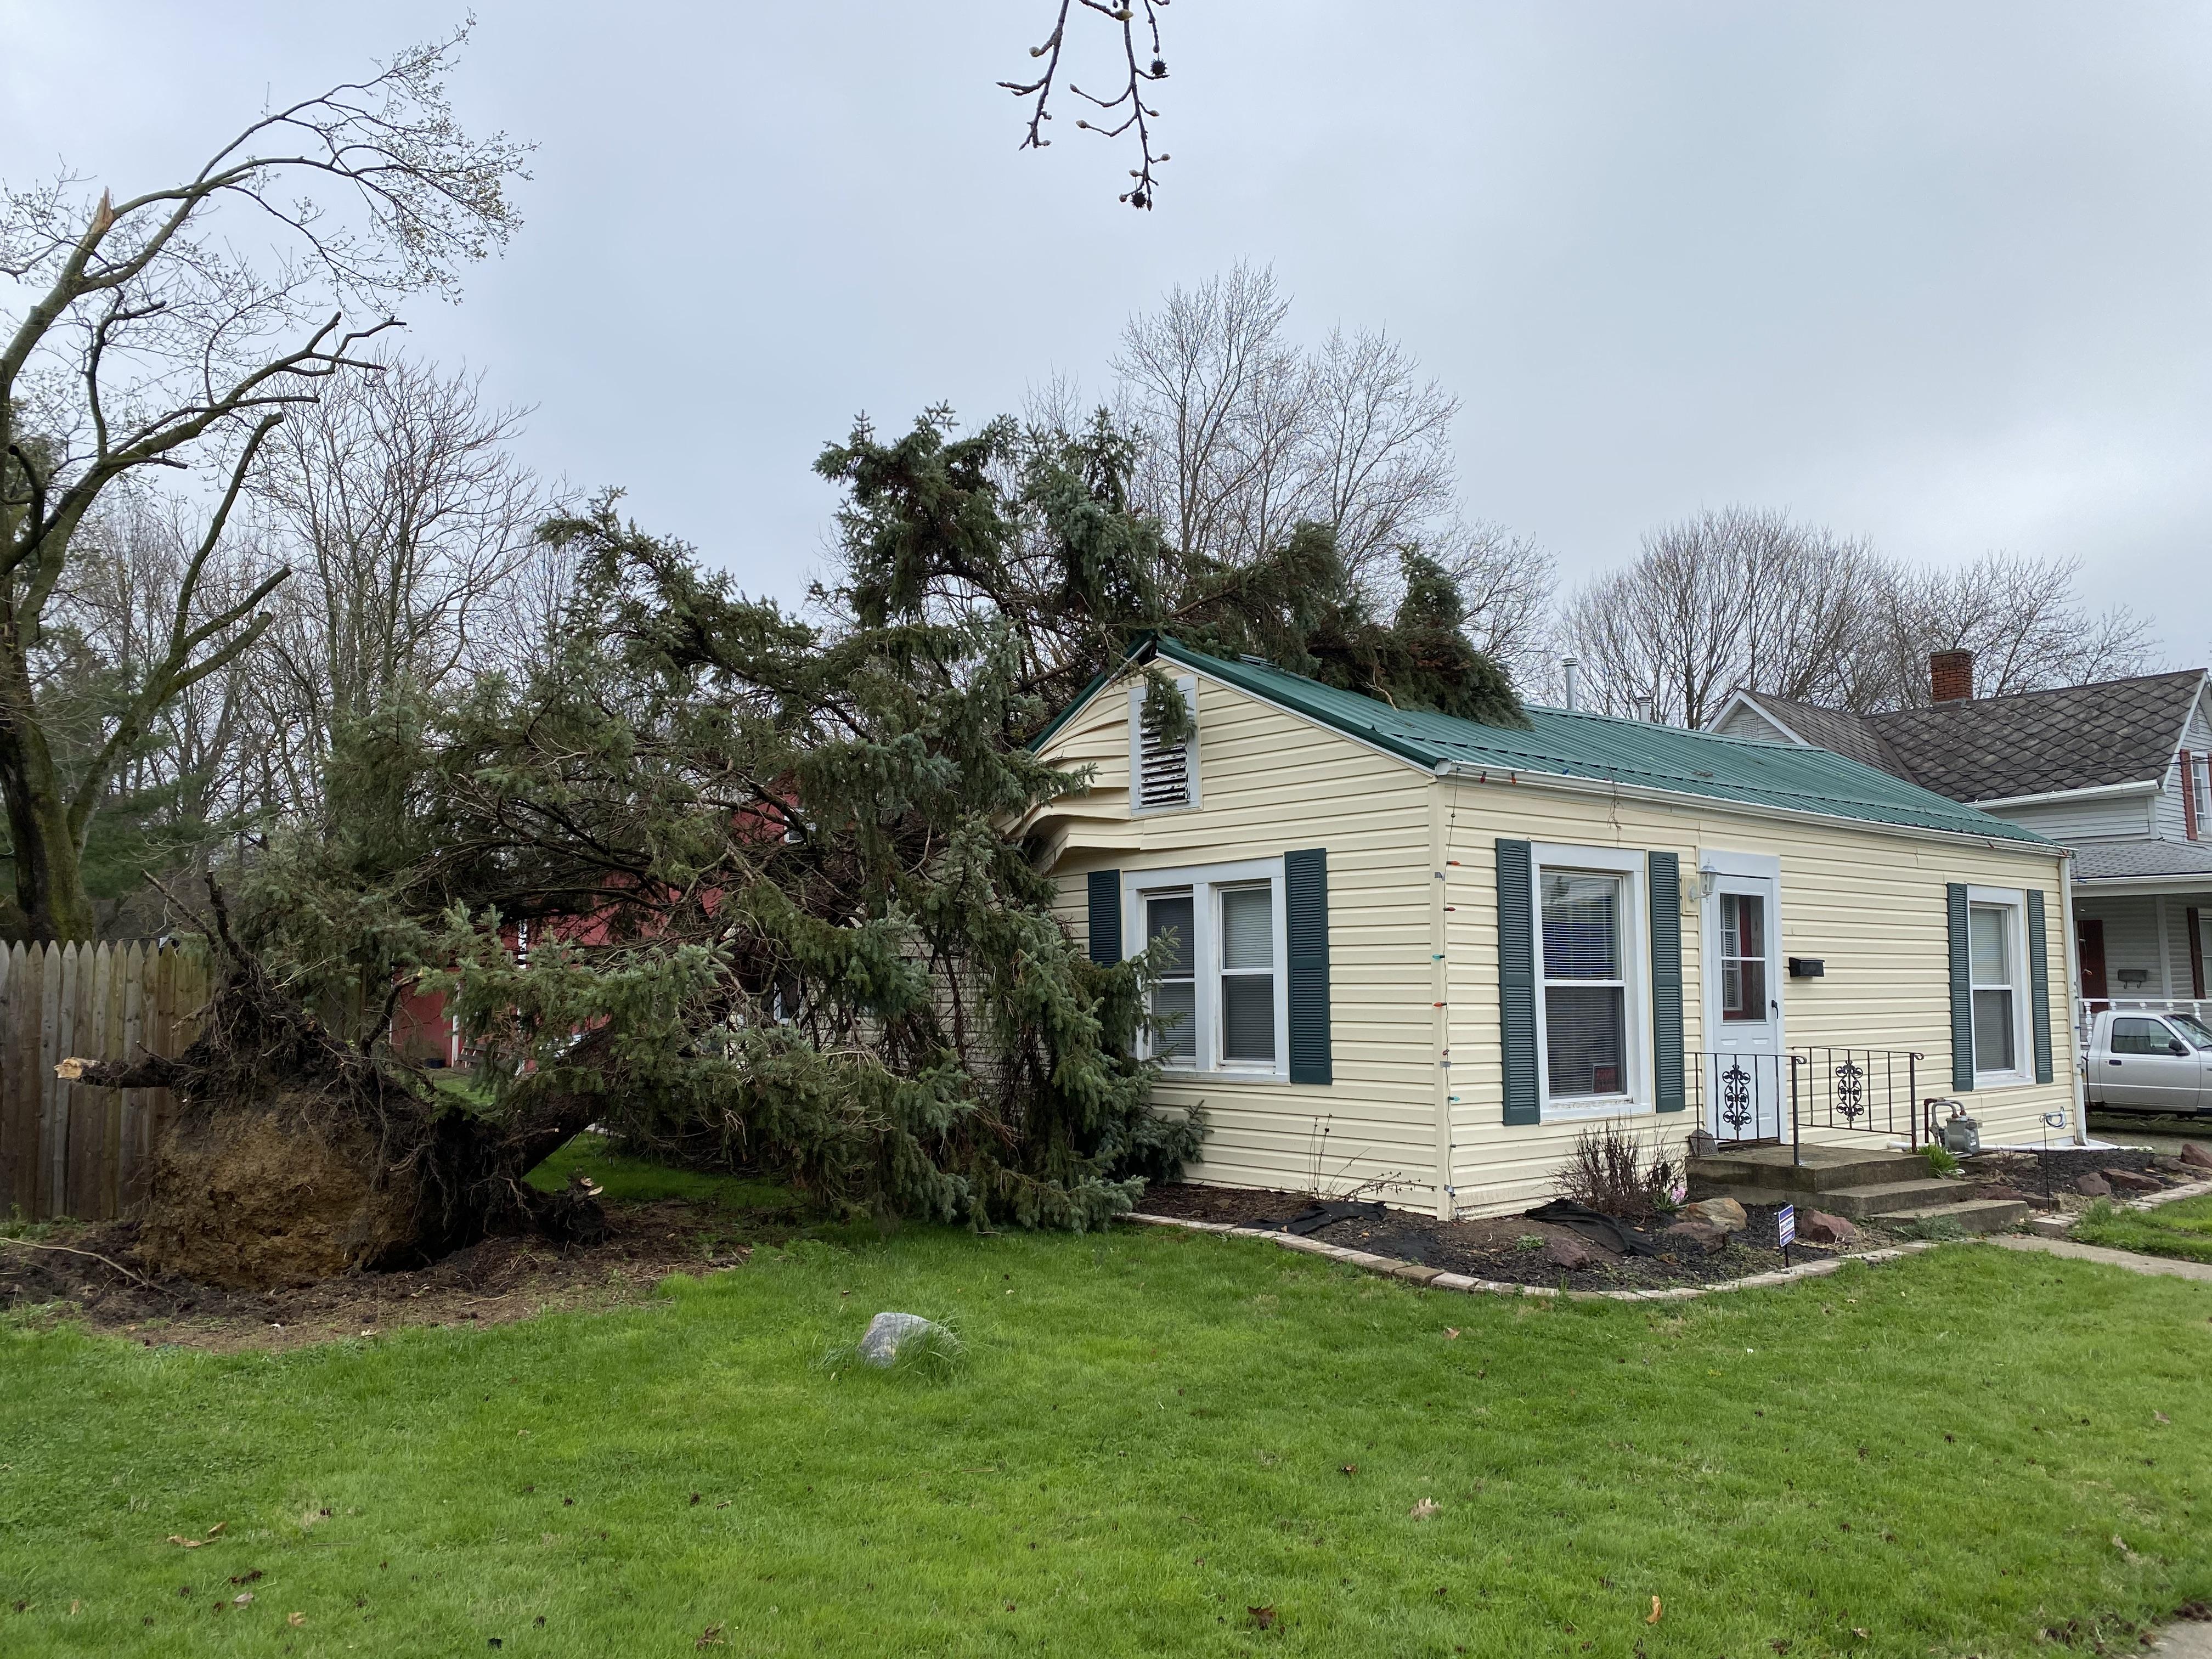 Fallen tree atop house.